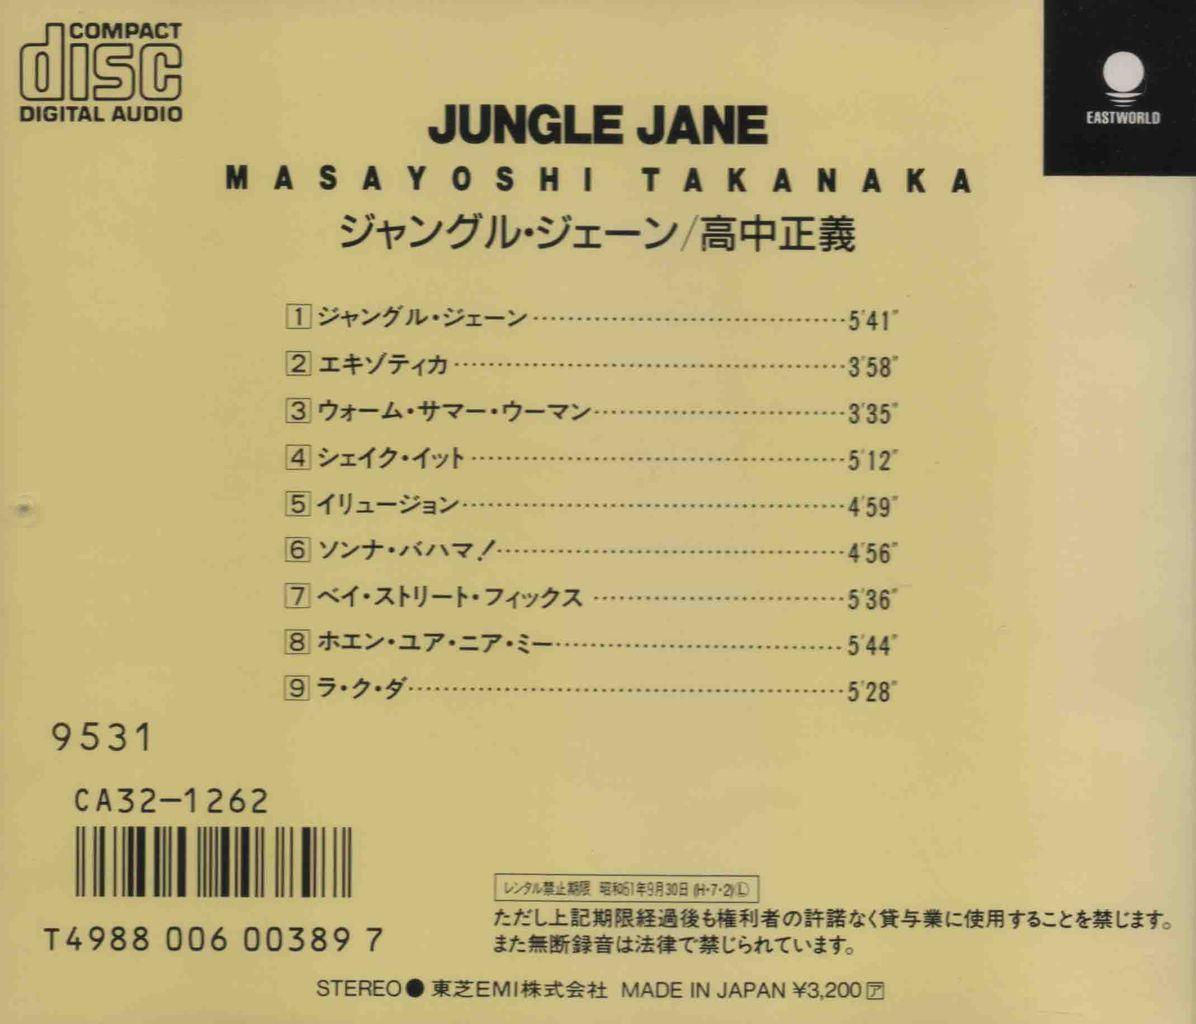 JUNGLE JANE-2